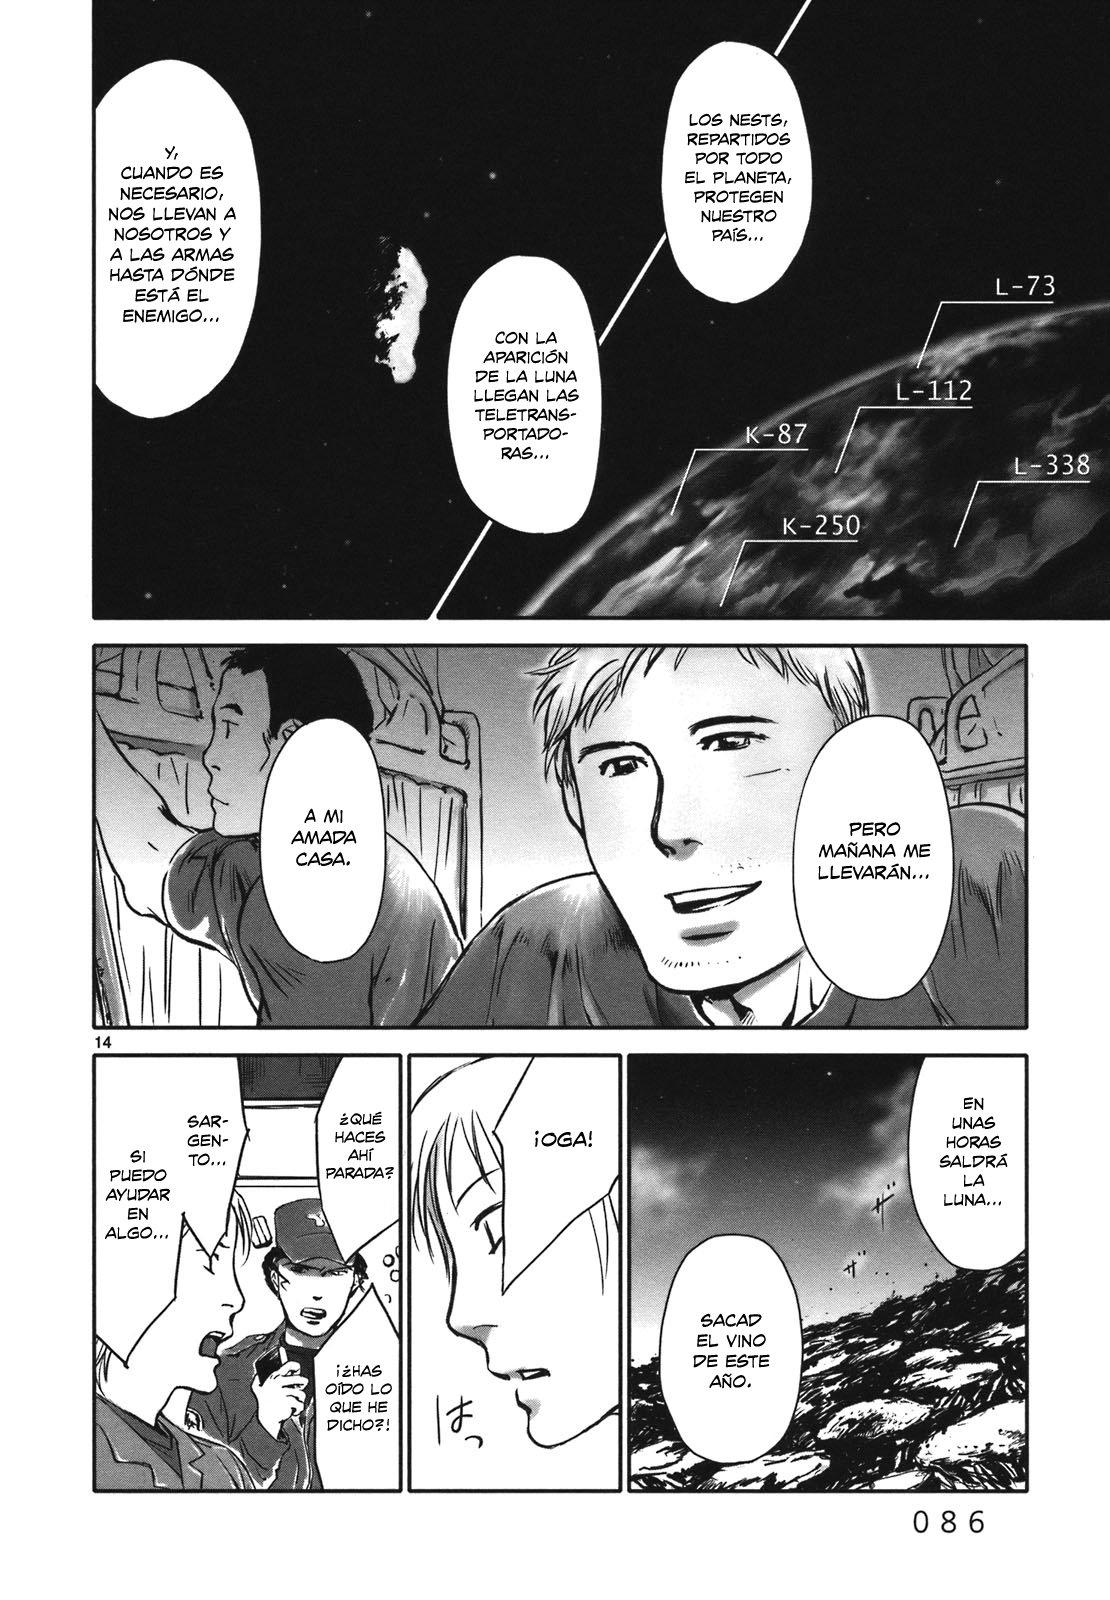 https://nine.mangadogs.com/es_manga/pic8/7/36679/946758/182bd81ea25270b7d1c2fe8353d17fe6.jpg Page 18